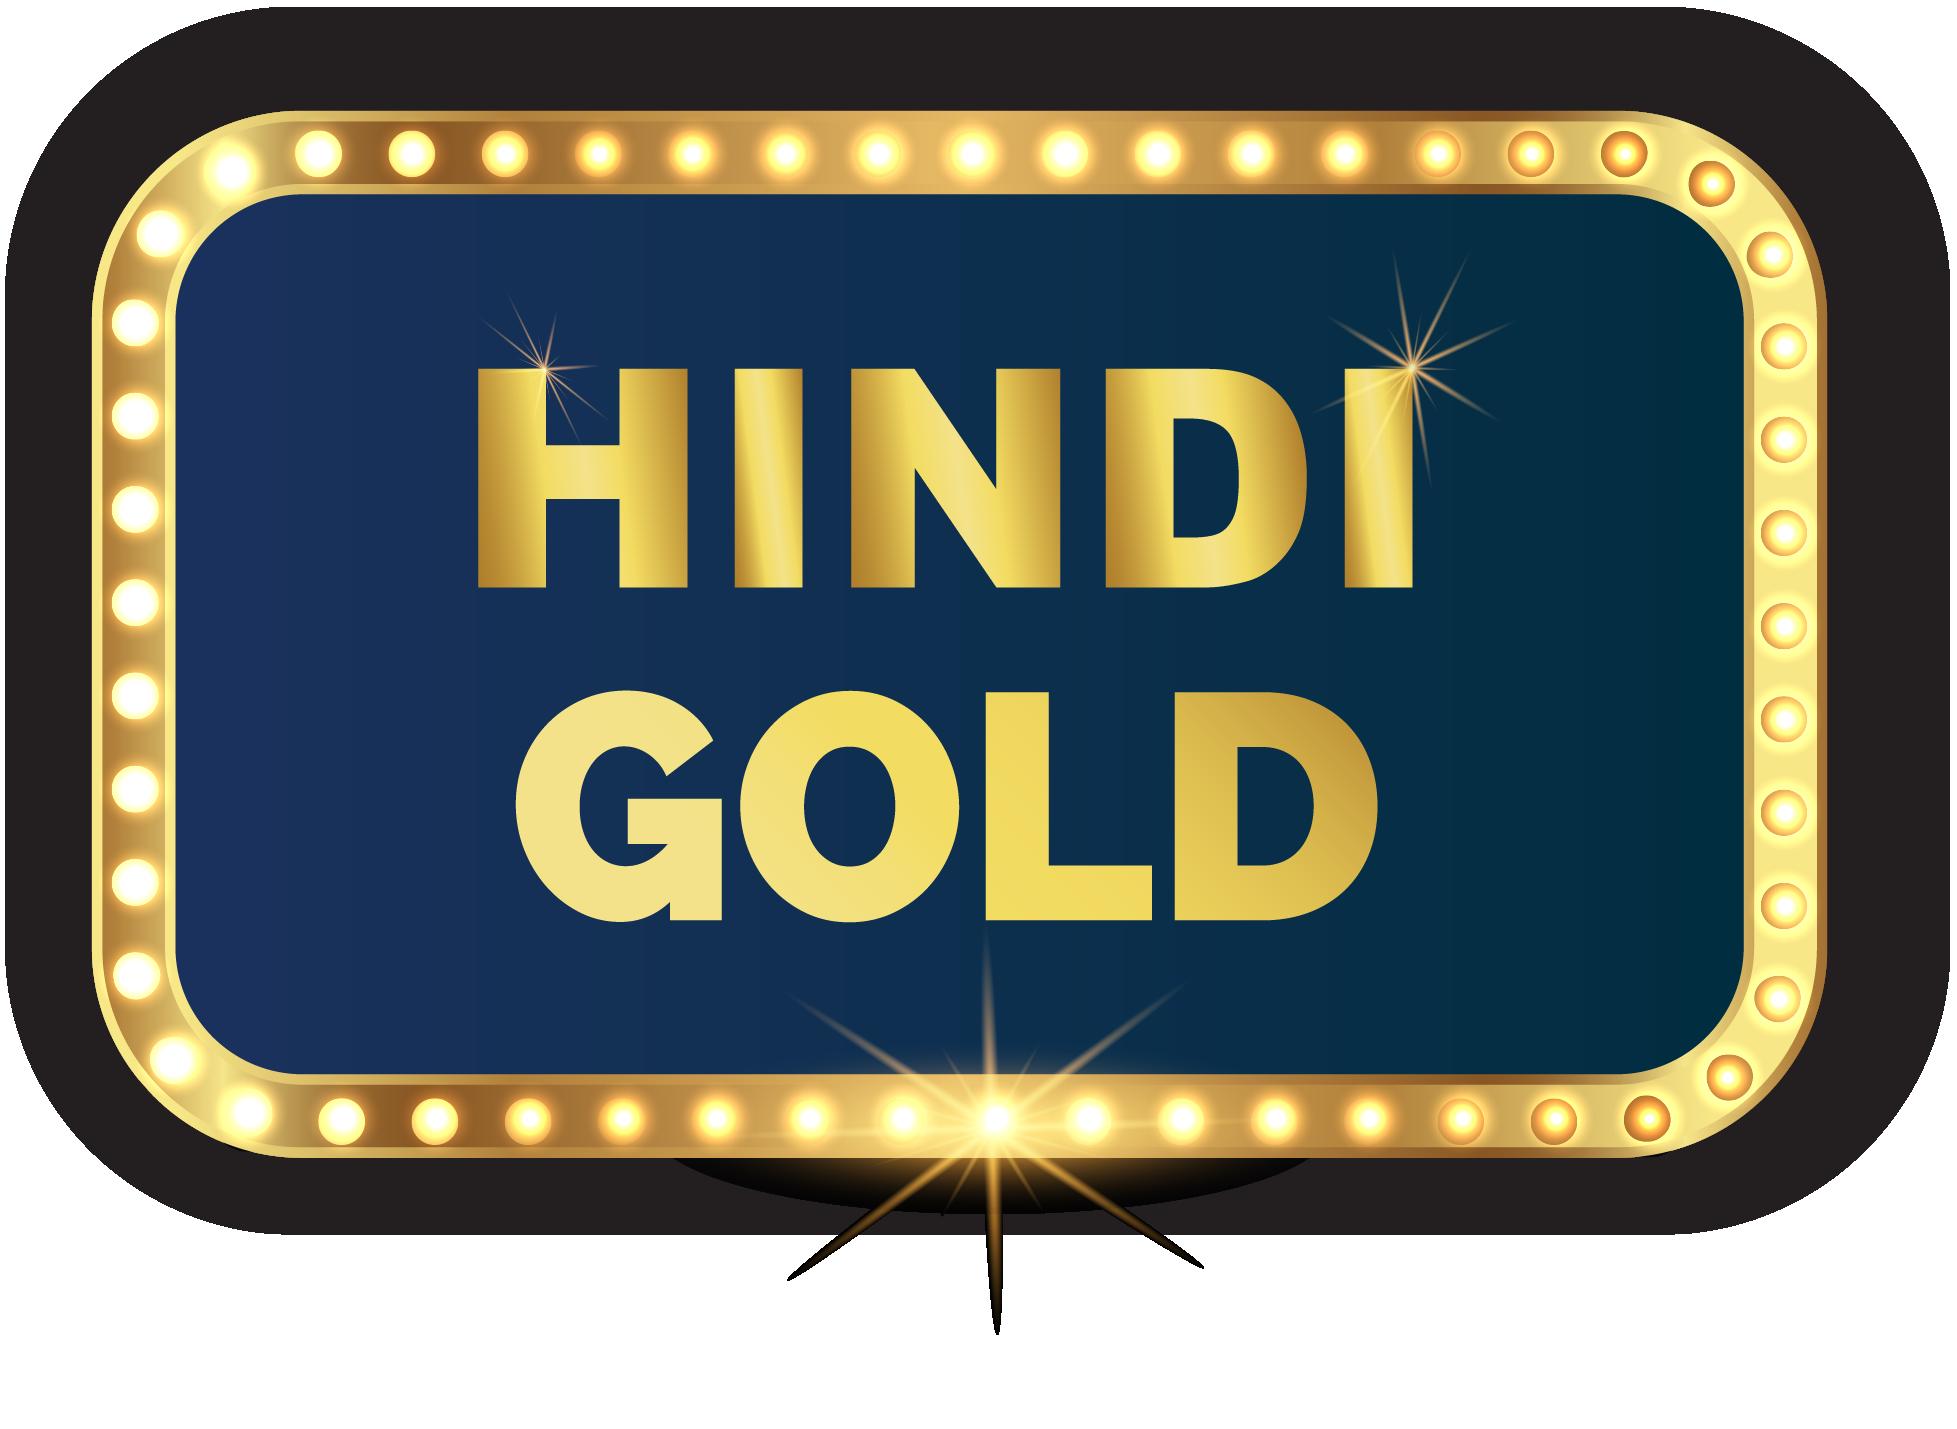 Hindi Gold